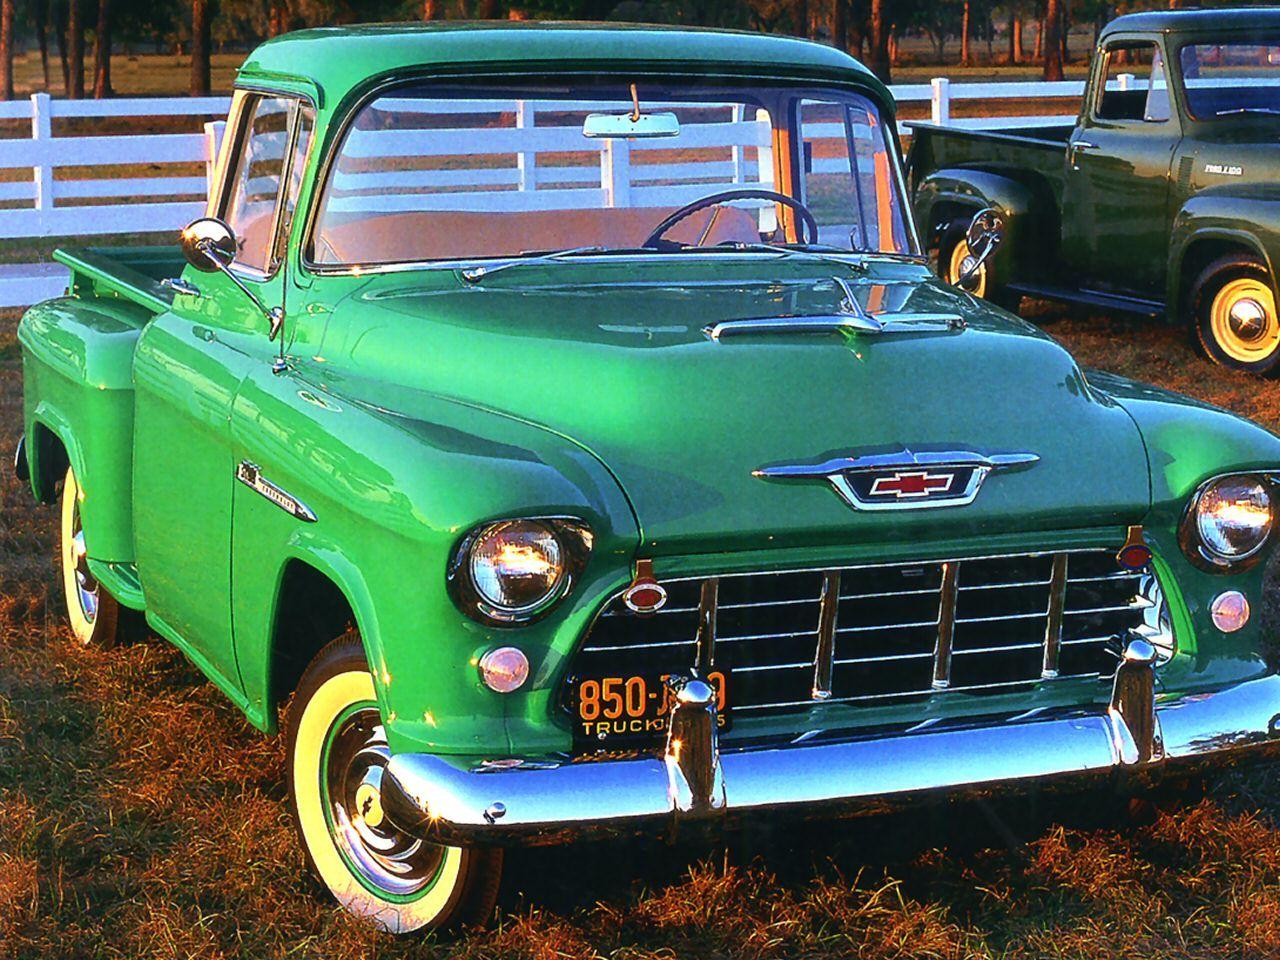 1955 chevy truck 1955 chevrolet 3100 porterbuilt street rods 1955 chevrolet pickup 55 59 chevrolet task force trucks pinterest